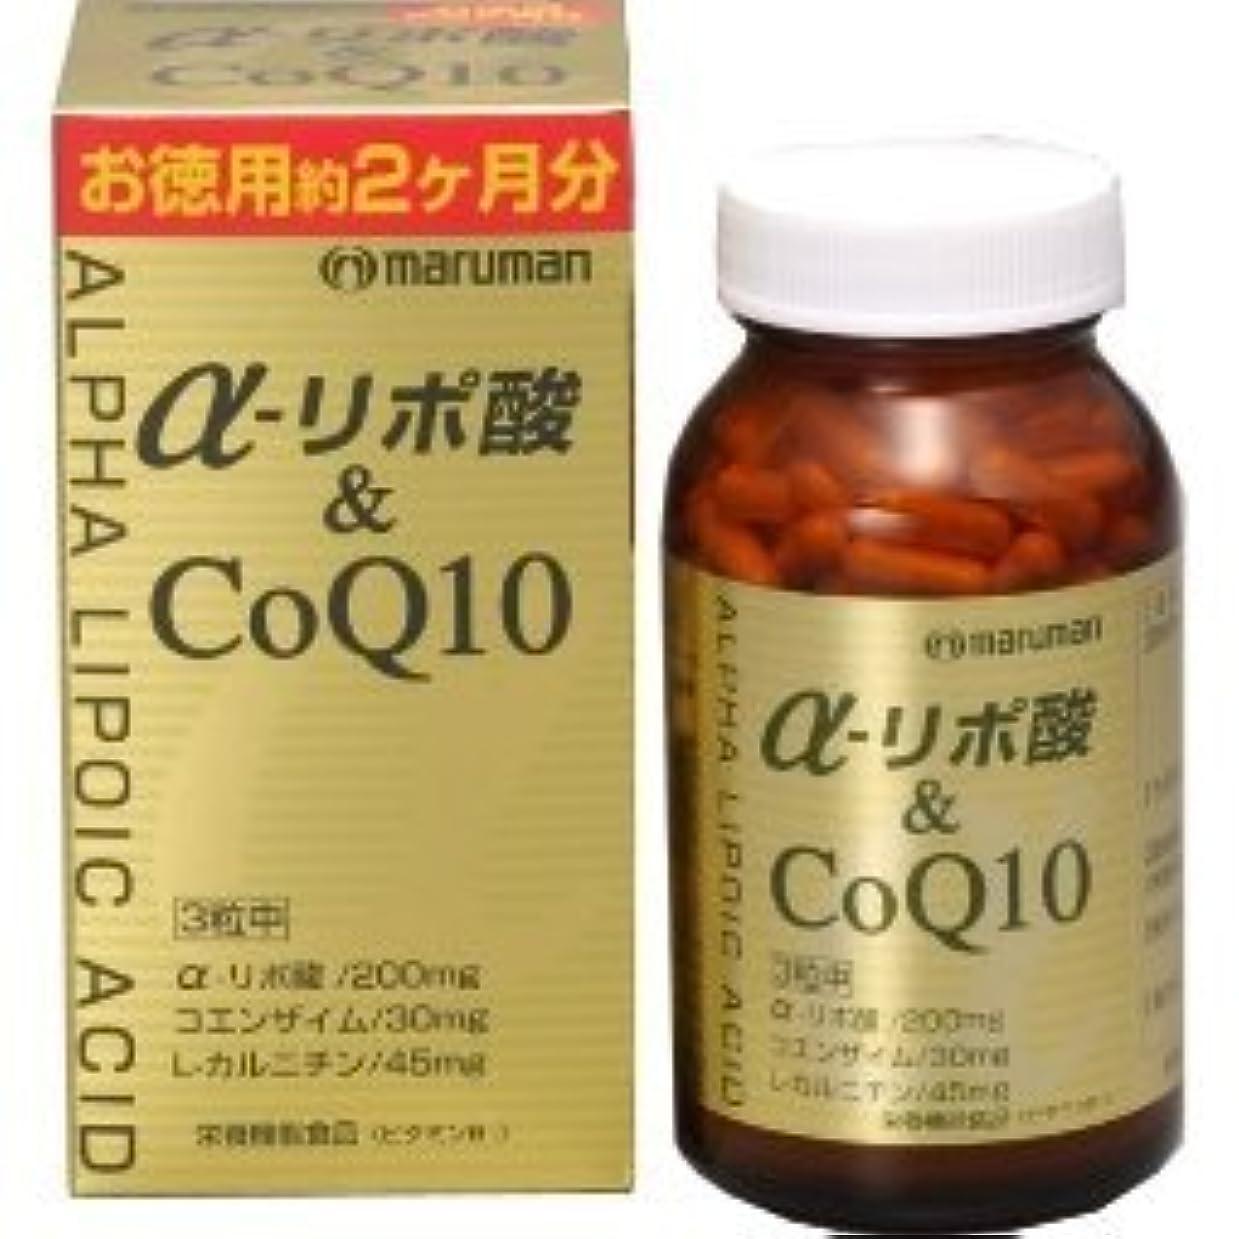 蒸留する抱擁申し込むαリポ酸&COQ10 180粒